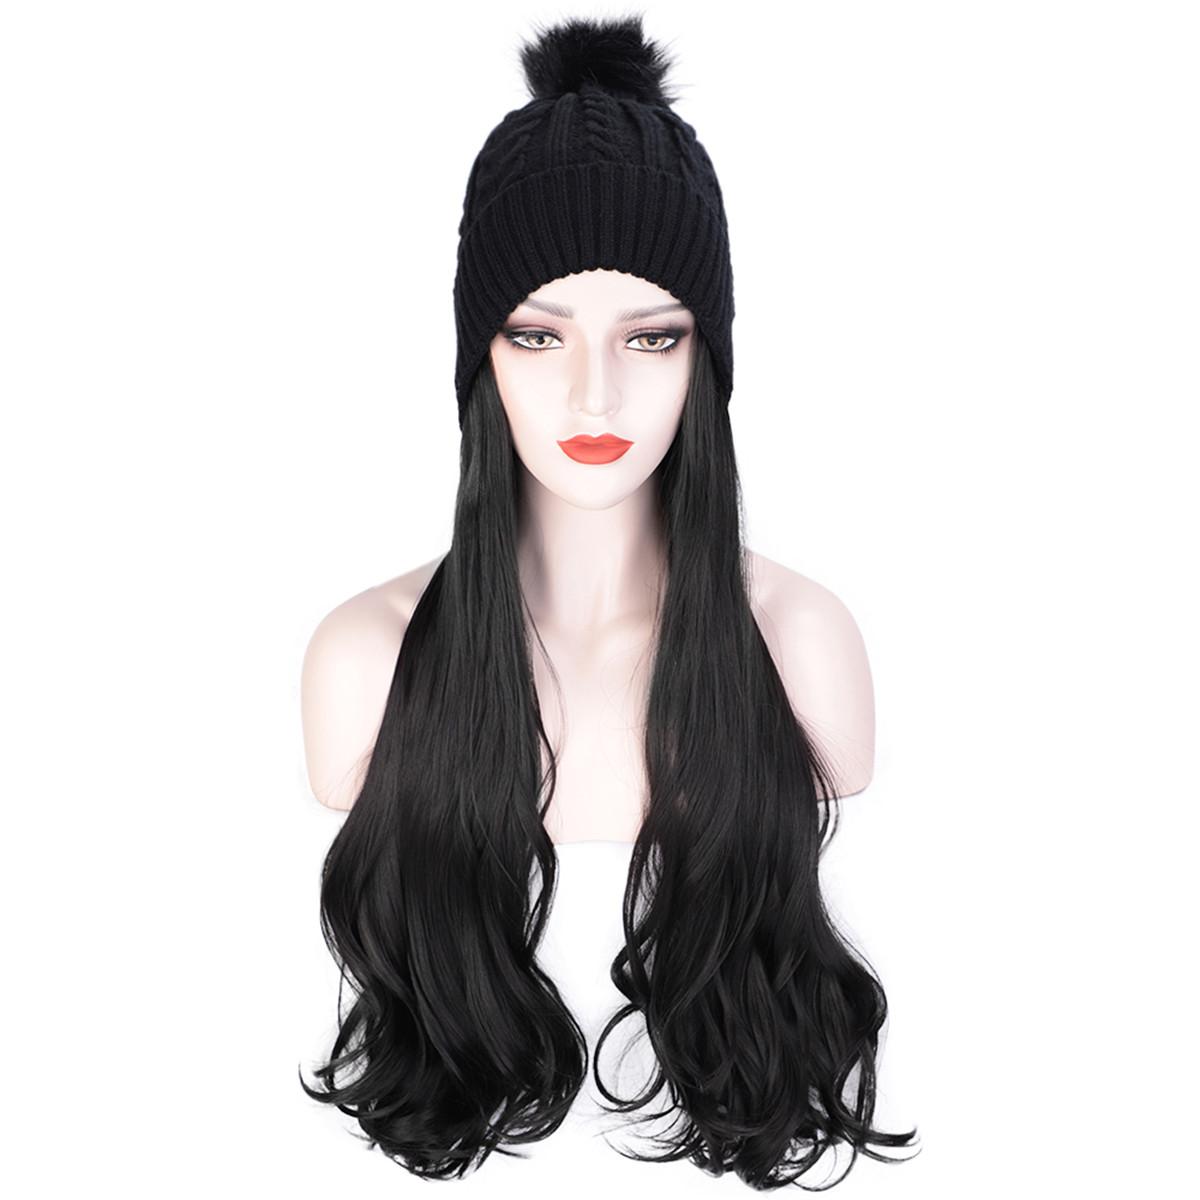 Женская шапка Парик Шапка Светлая вьющаяся длинная синтетическая девушка Волосы Winte